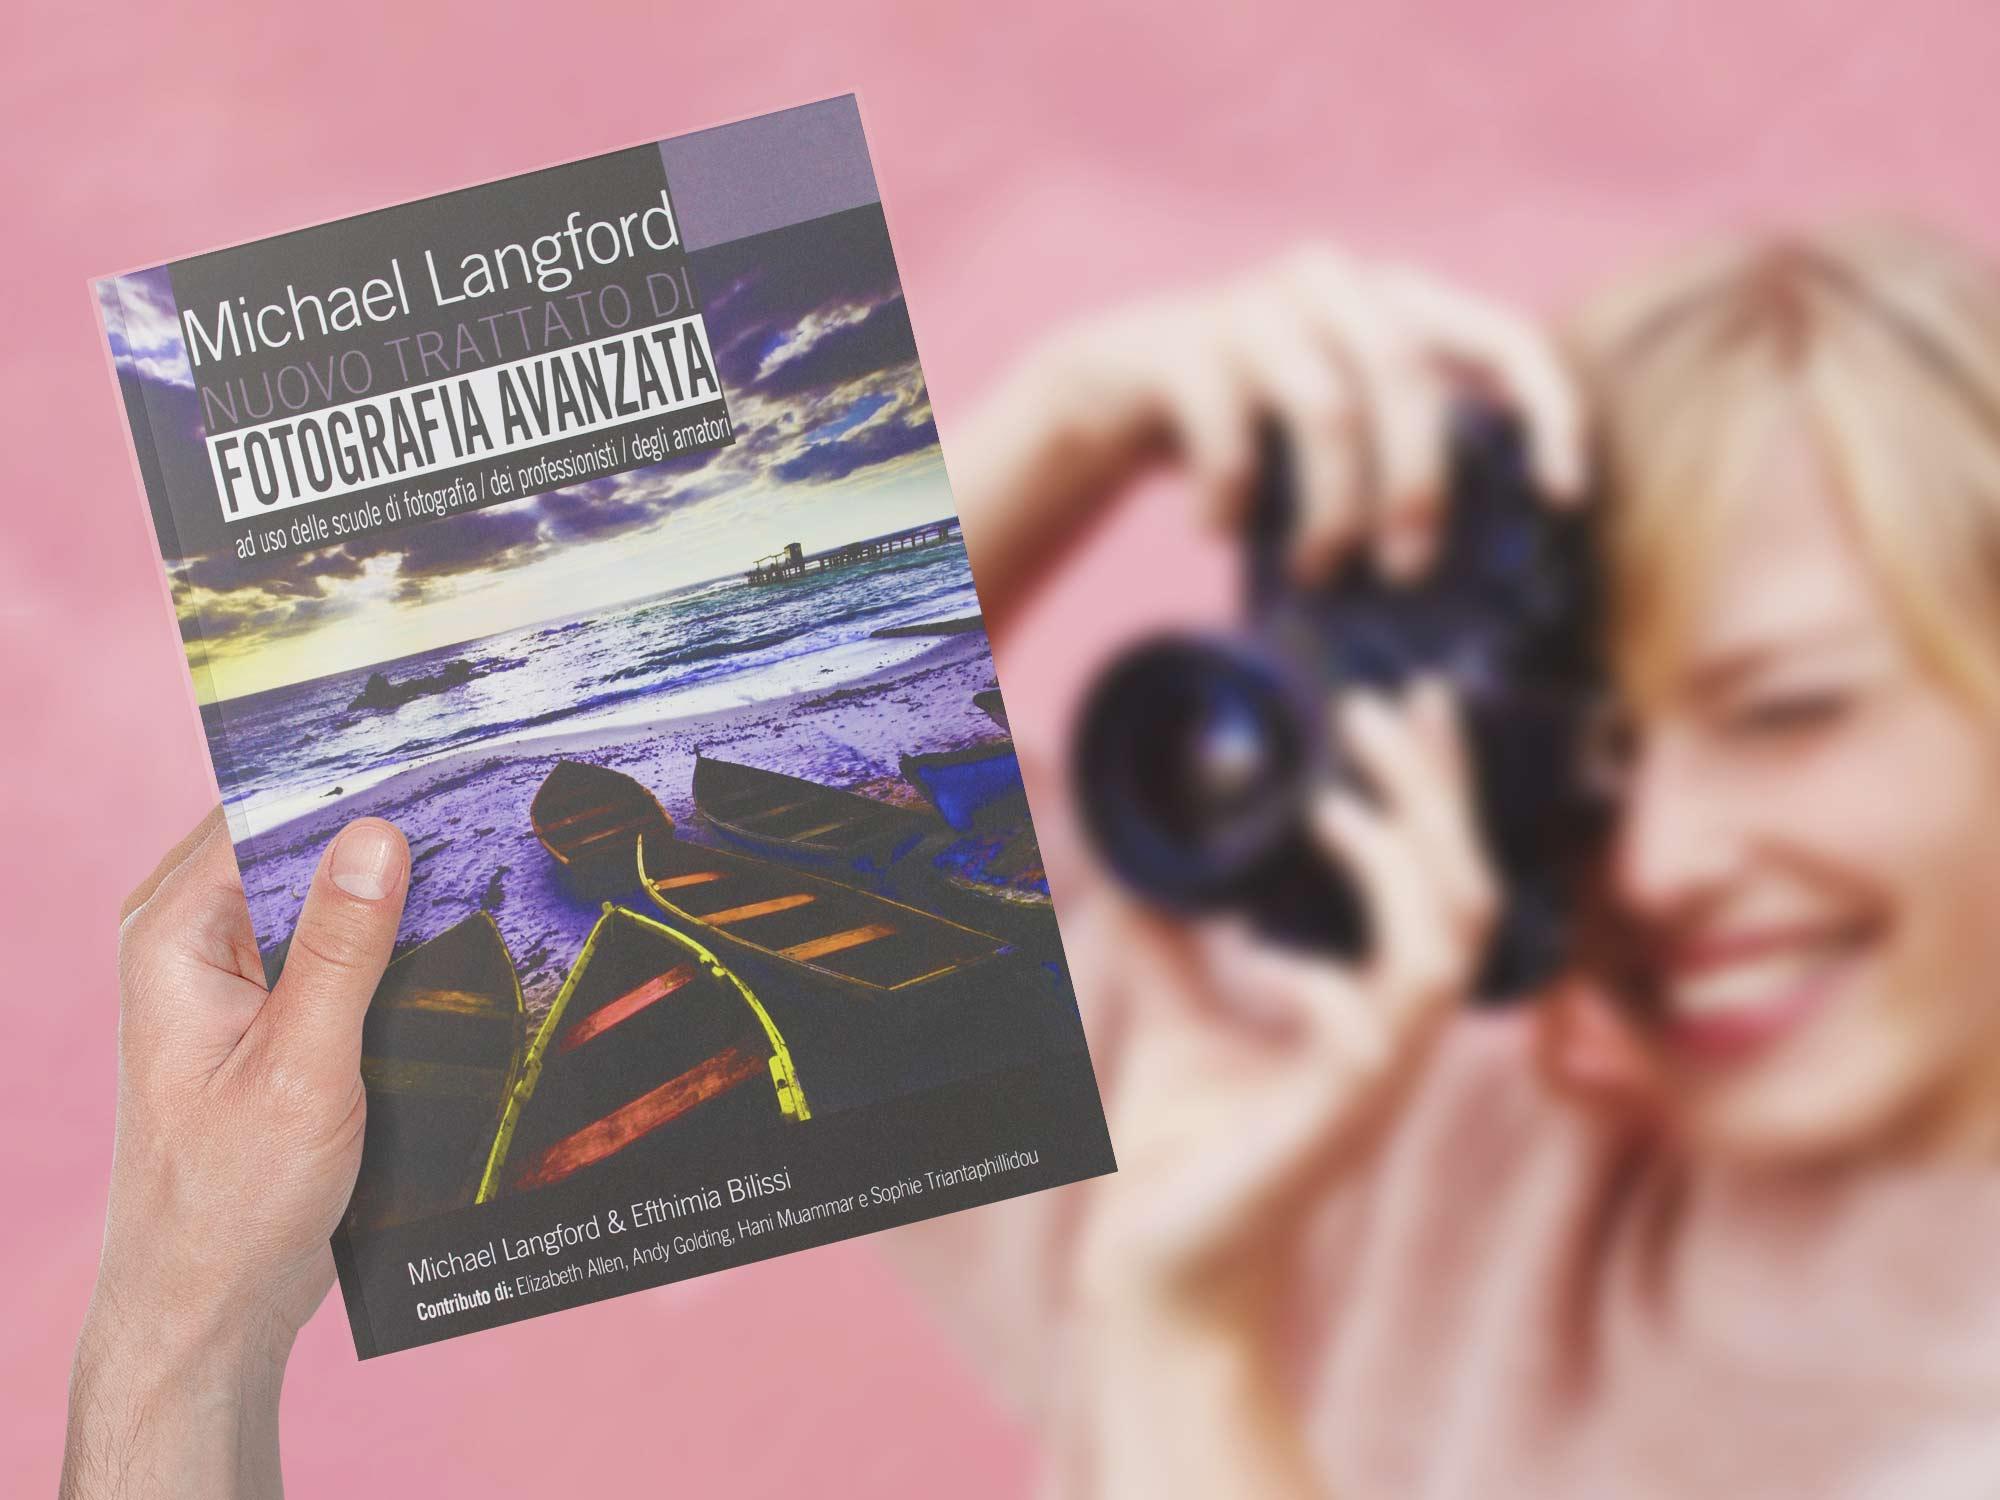 migliore-libro-di-fotografia avanzata